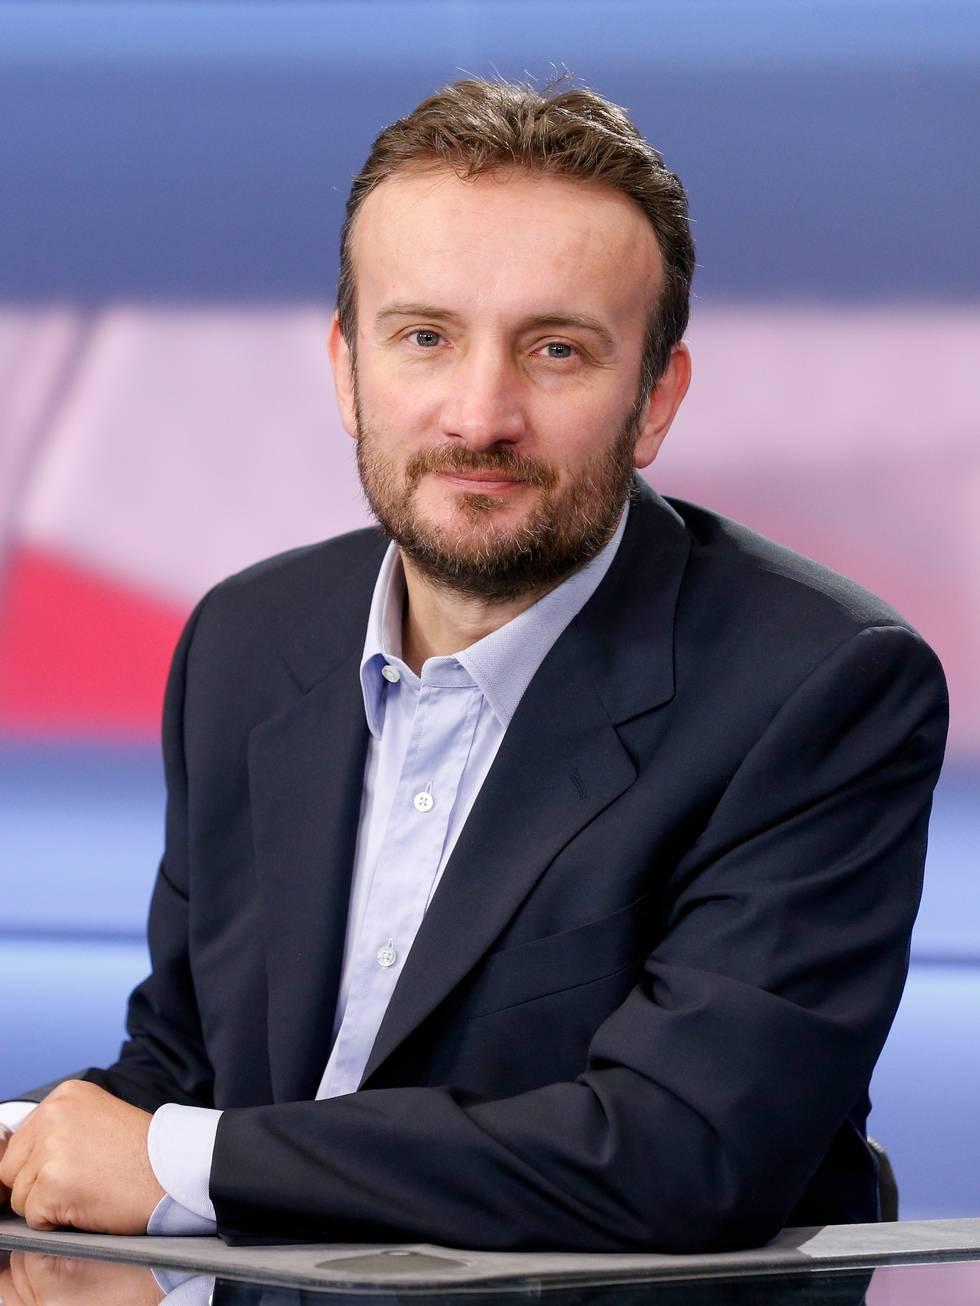 Tomas Miglierina